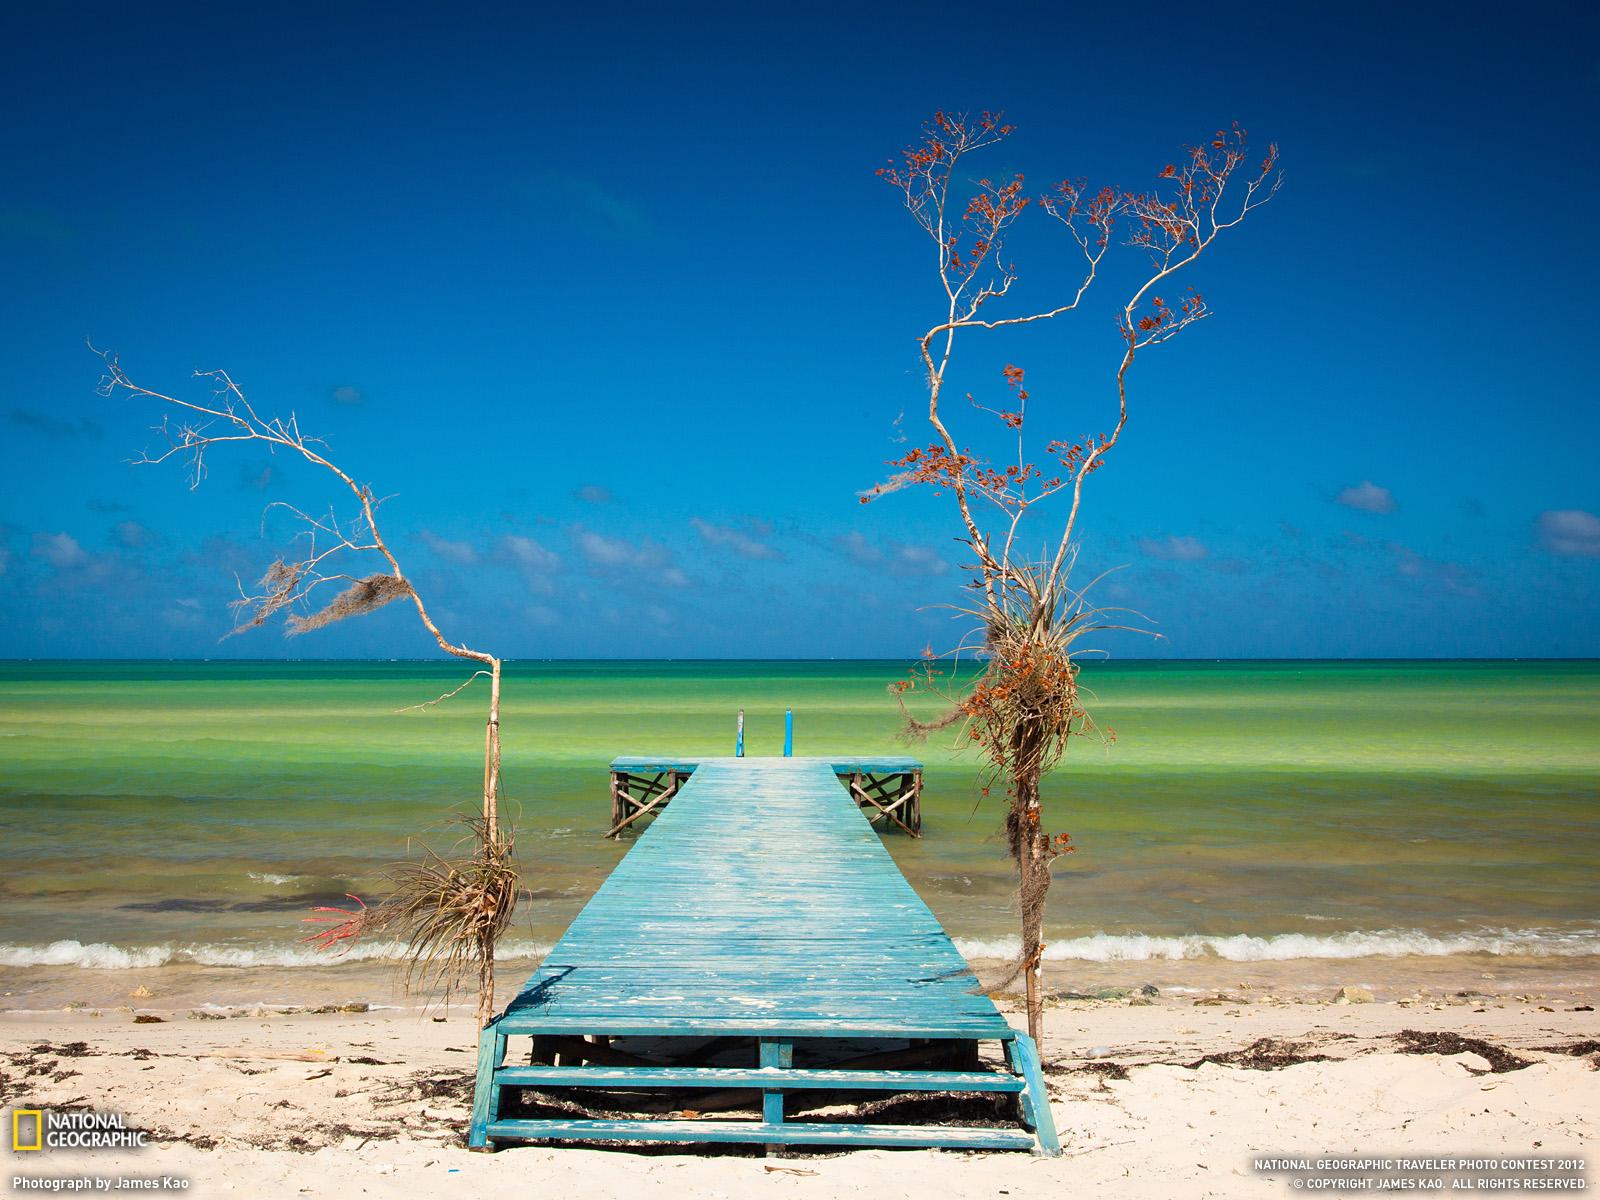 Η βόρεια ακτή της Κούβας έχει μερικές από τις πιο εντυπωσιακές παραλίες στα εκατοντάδες μικρά νησιά που ονομάζονται Cayos. Αυτή η προκυμαία είναι στο Playa Flamenco.